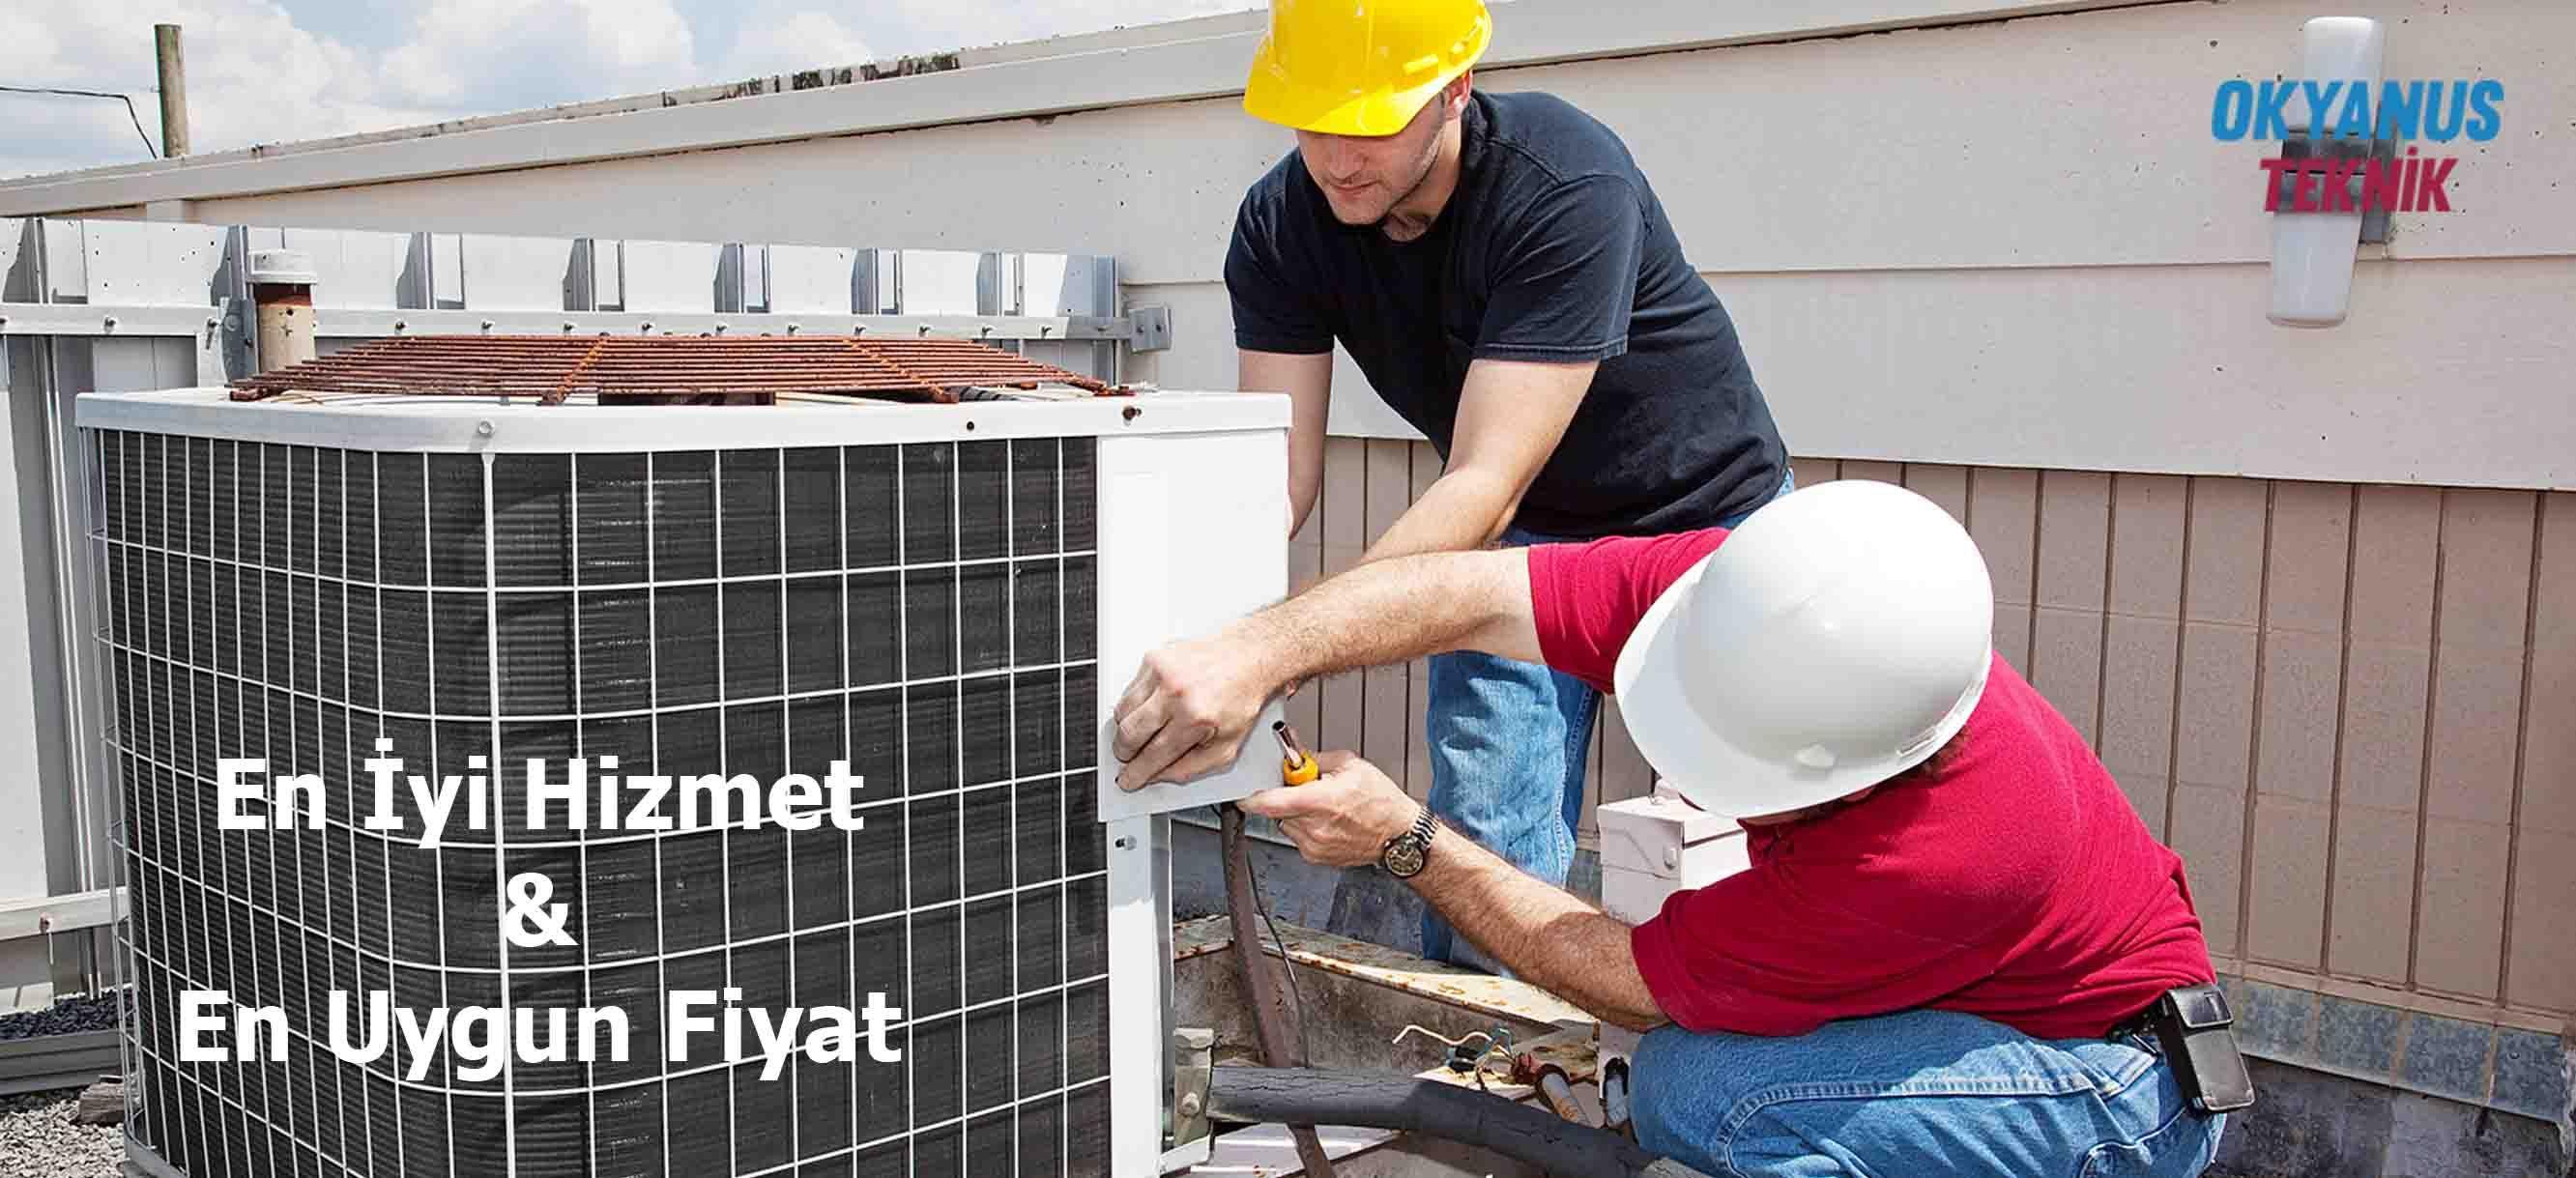 Bahçelievler Klima Servisi Teknik, Elektronik